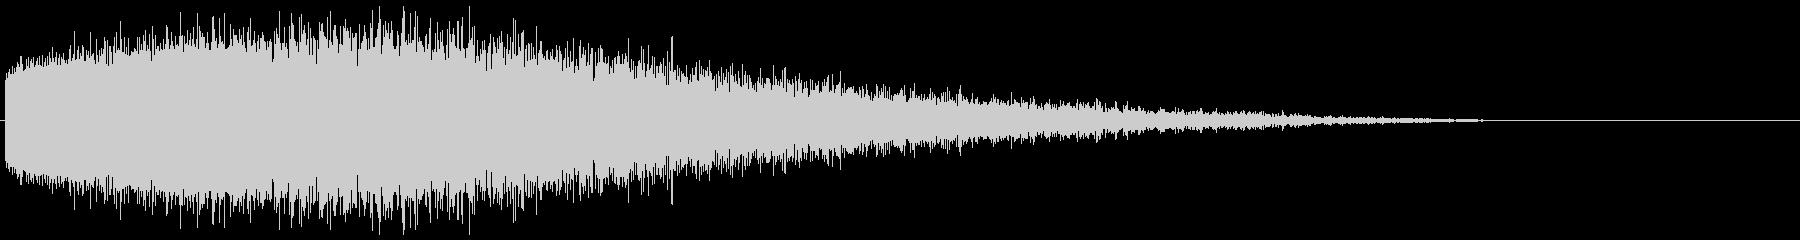 ノイズフィルター 下降(インパクト音)の未再生の波形